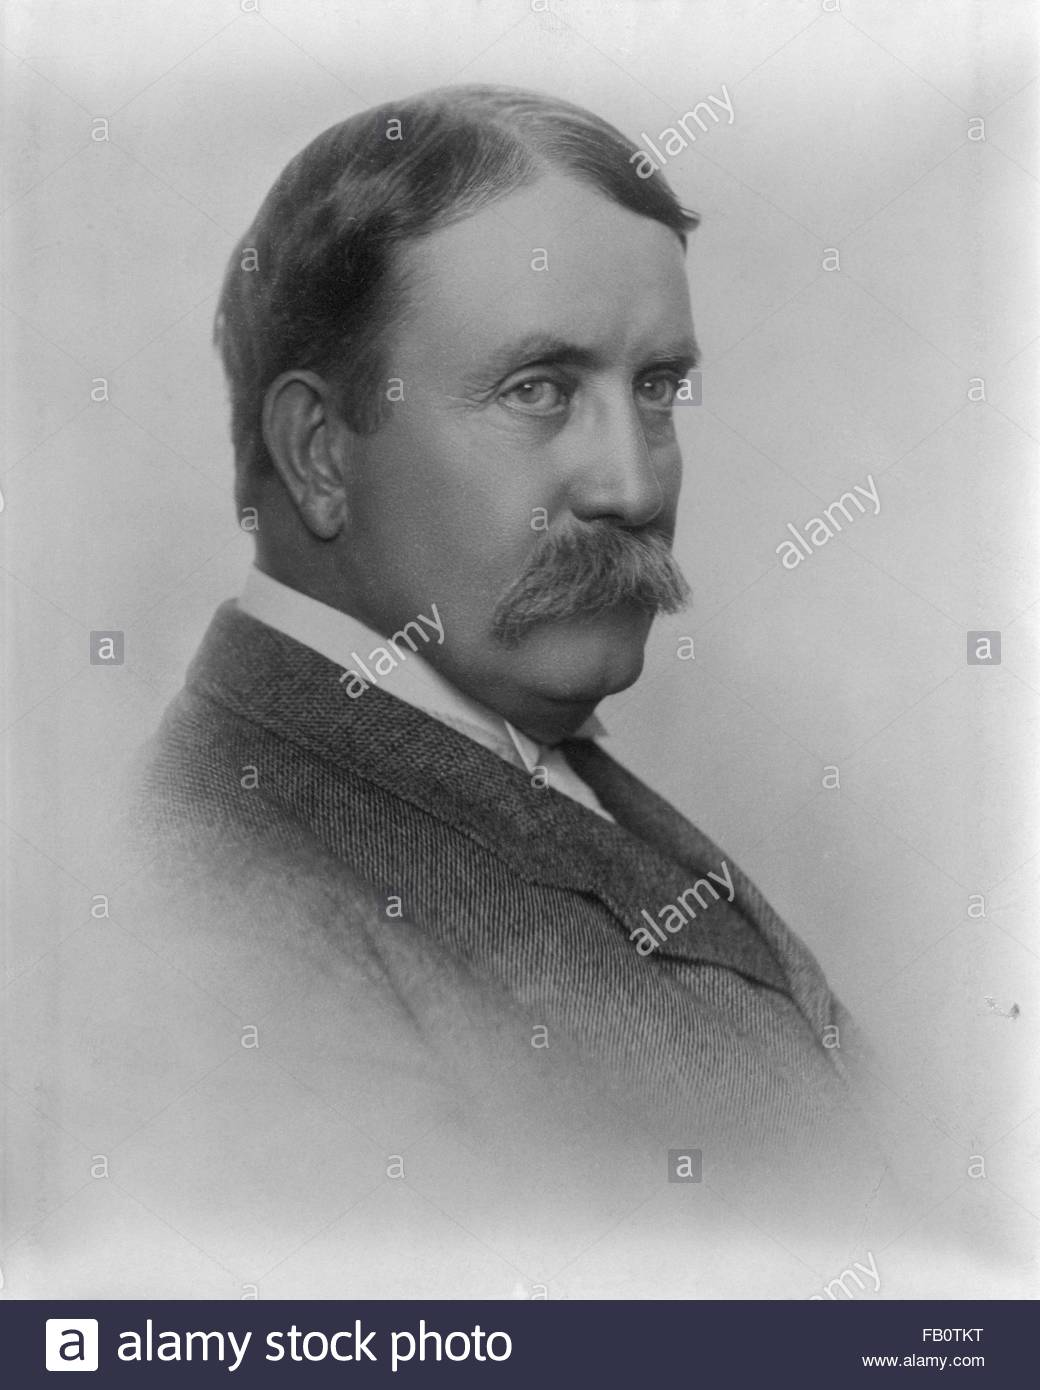 Daniel H. Burnham portrait photograph, 1941 Aug. 28. - Stock Image